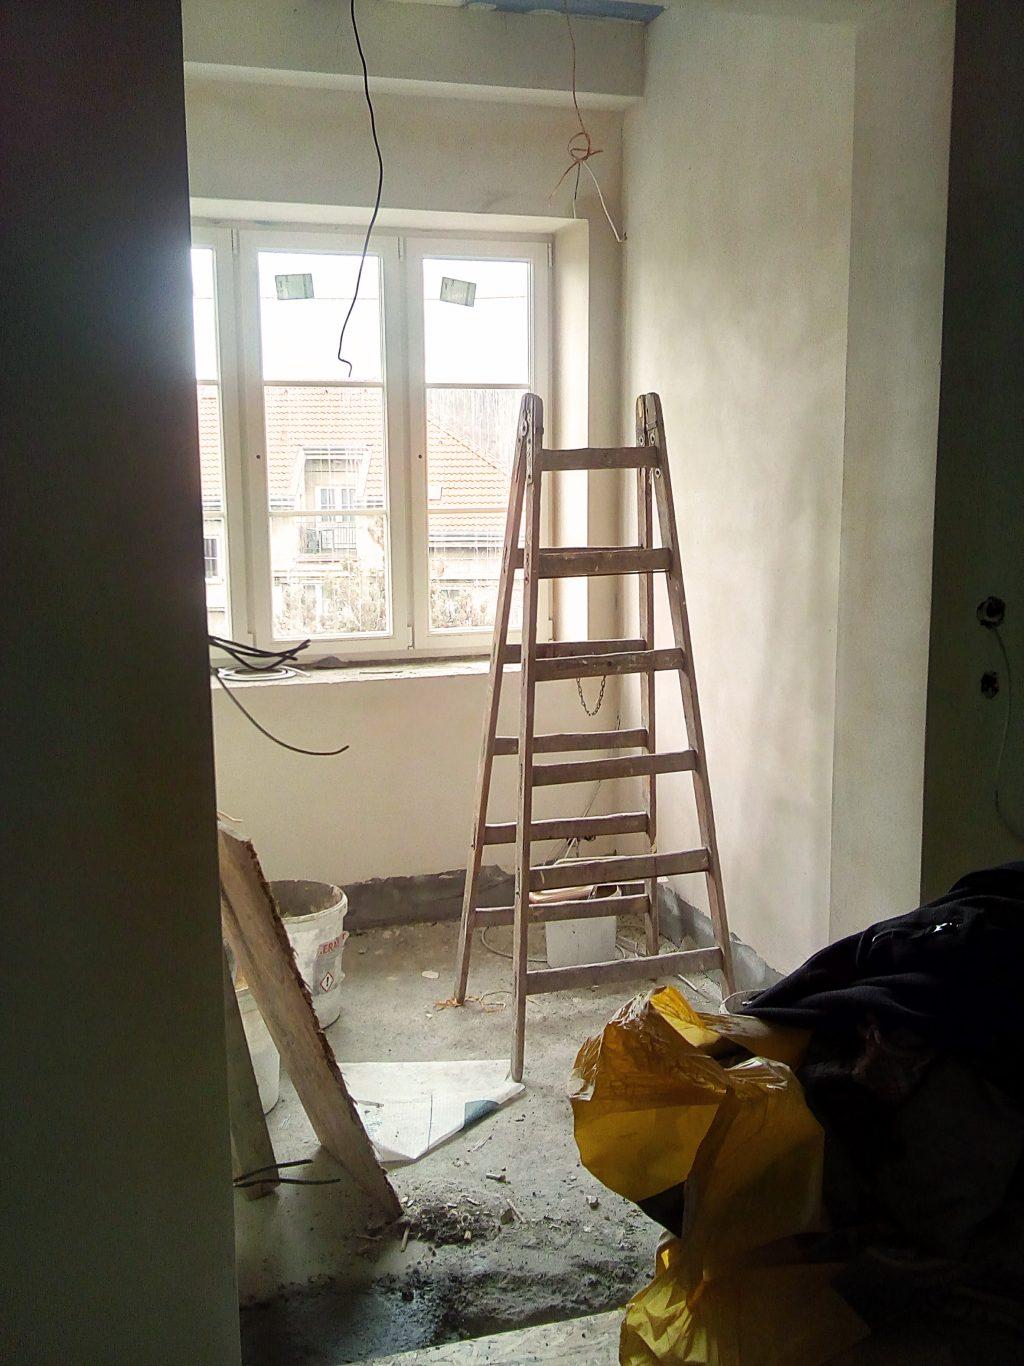 Malá ochutnávka z Evina nového bytu, na kterém s partnerem usilovně pracuje